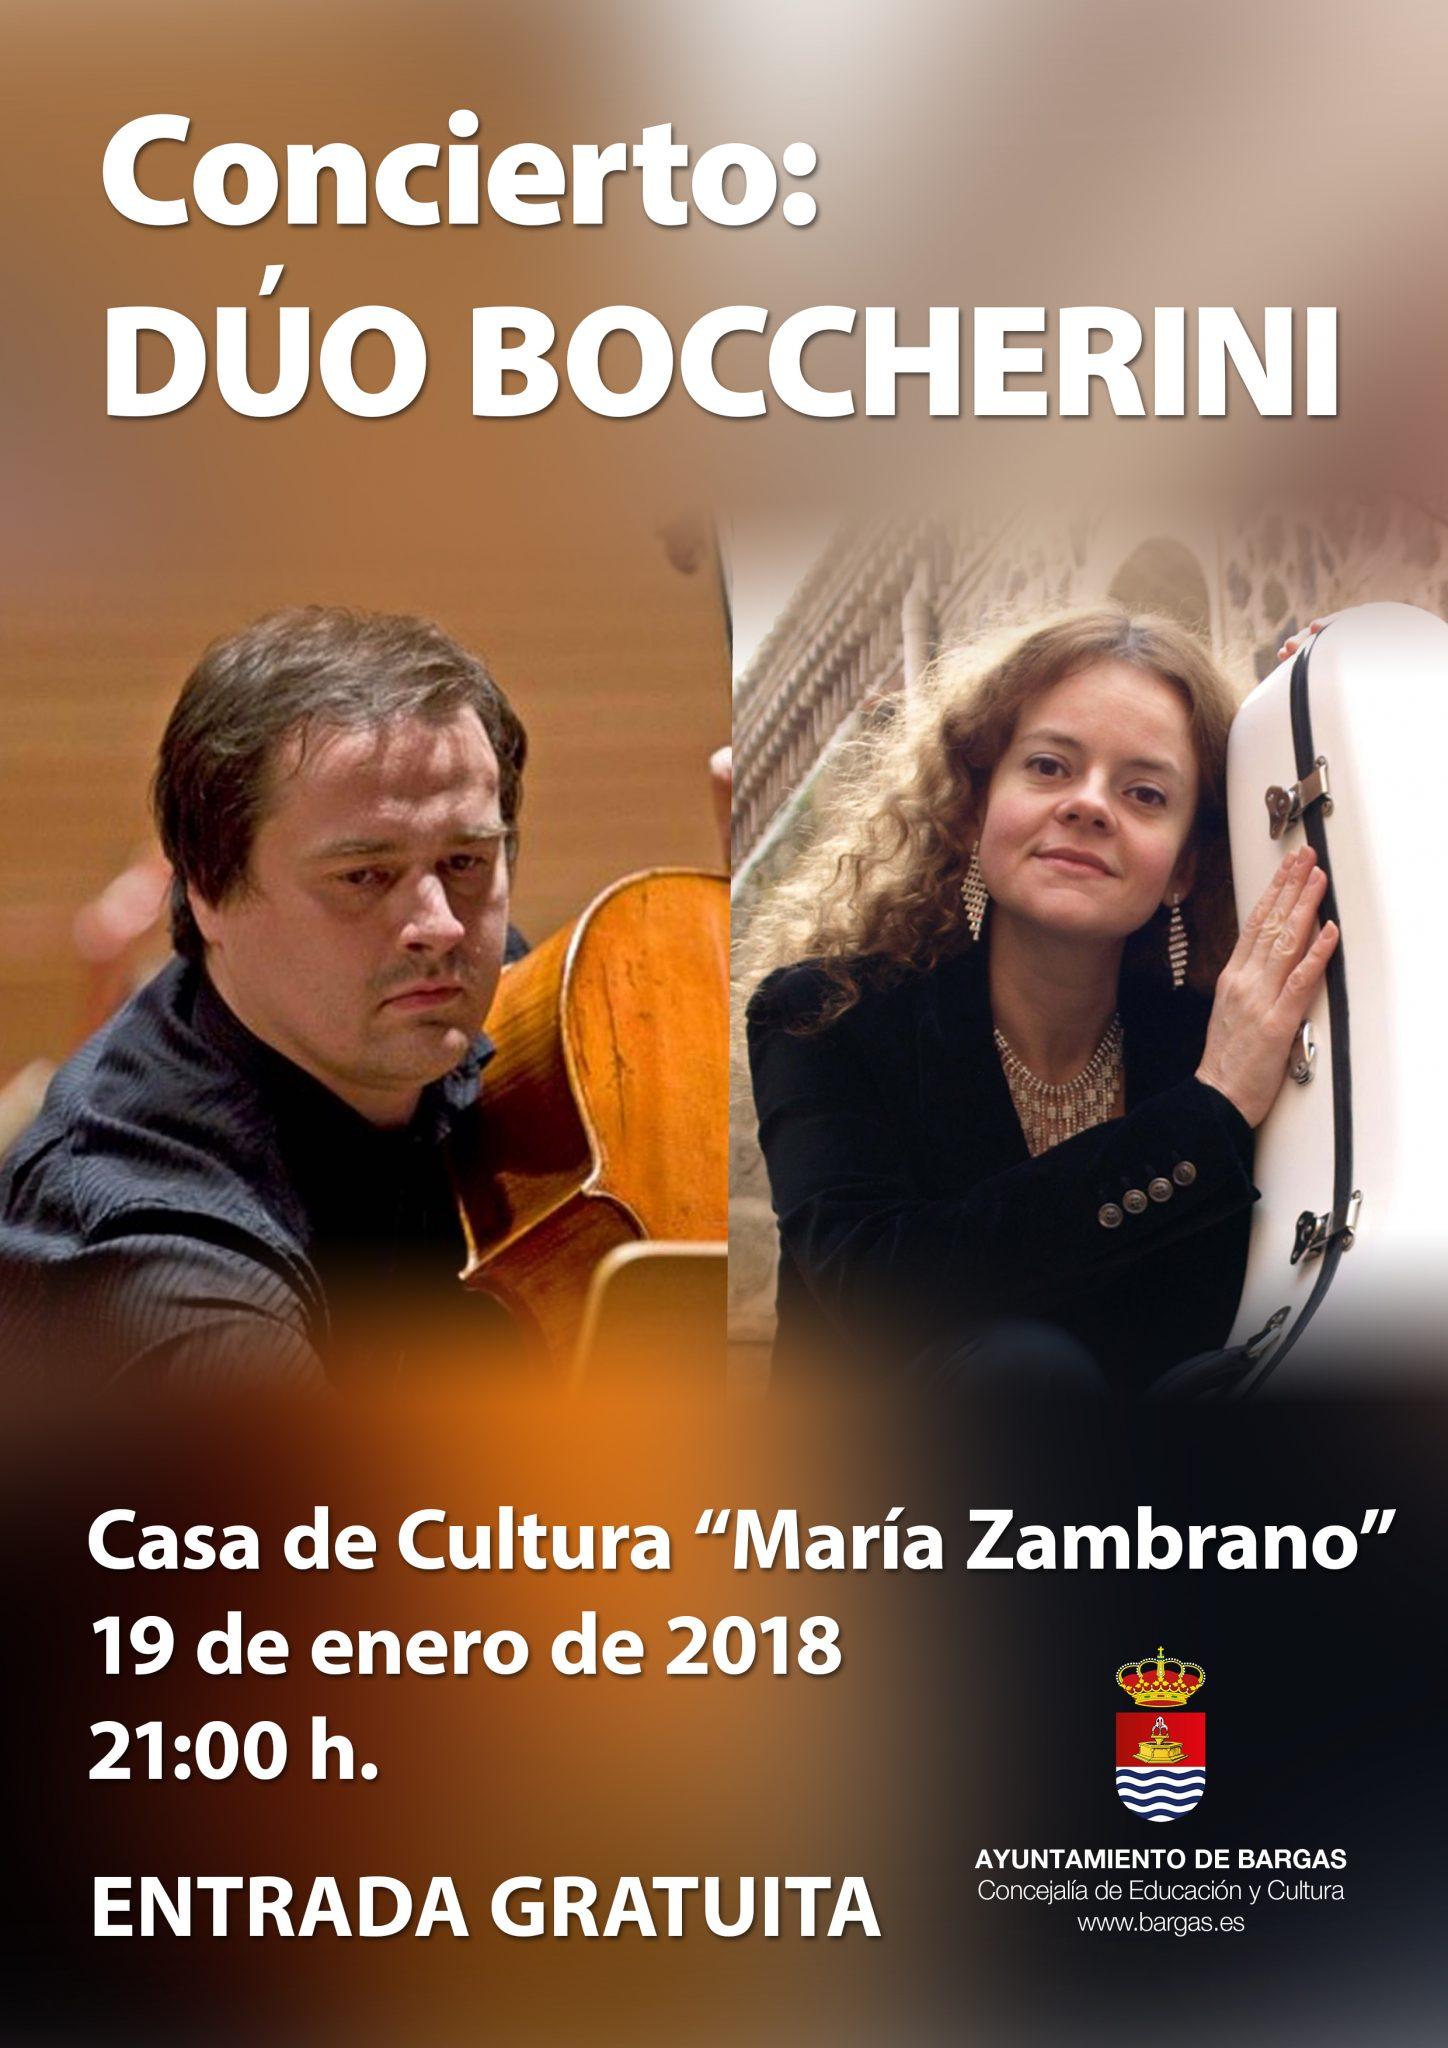 Concierto: Dúo Boccherini